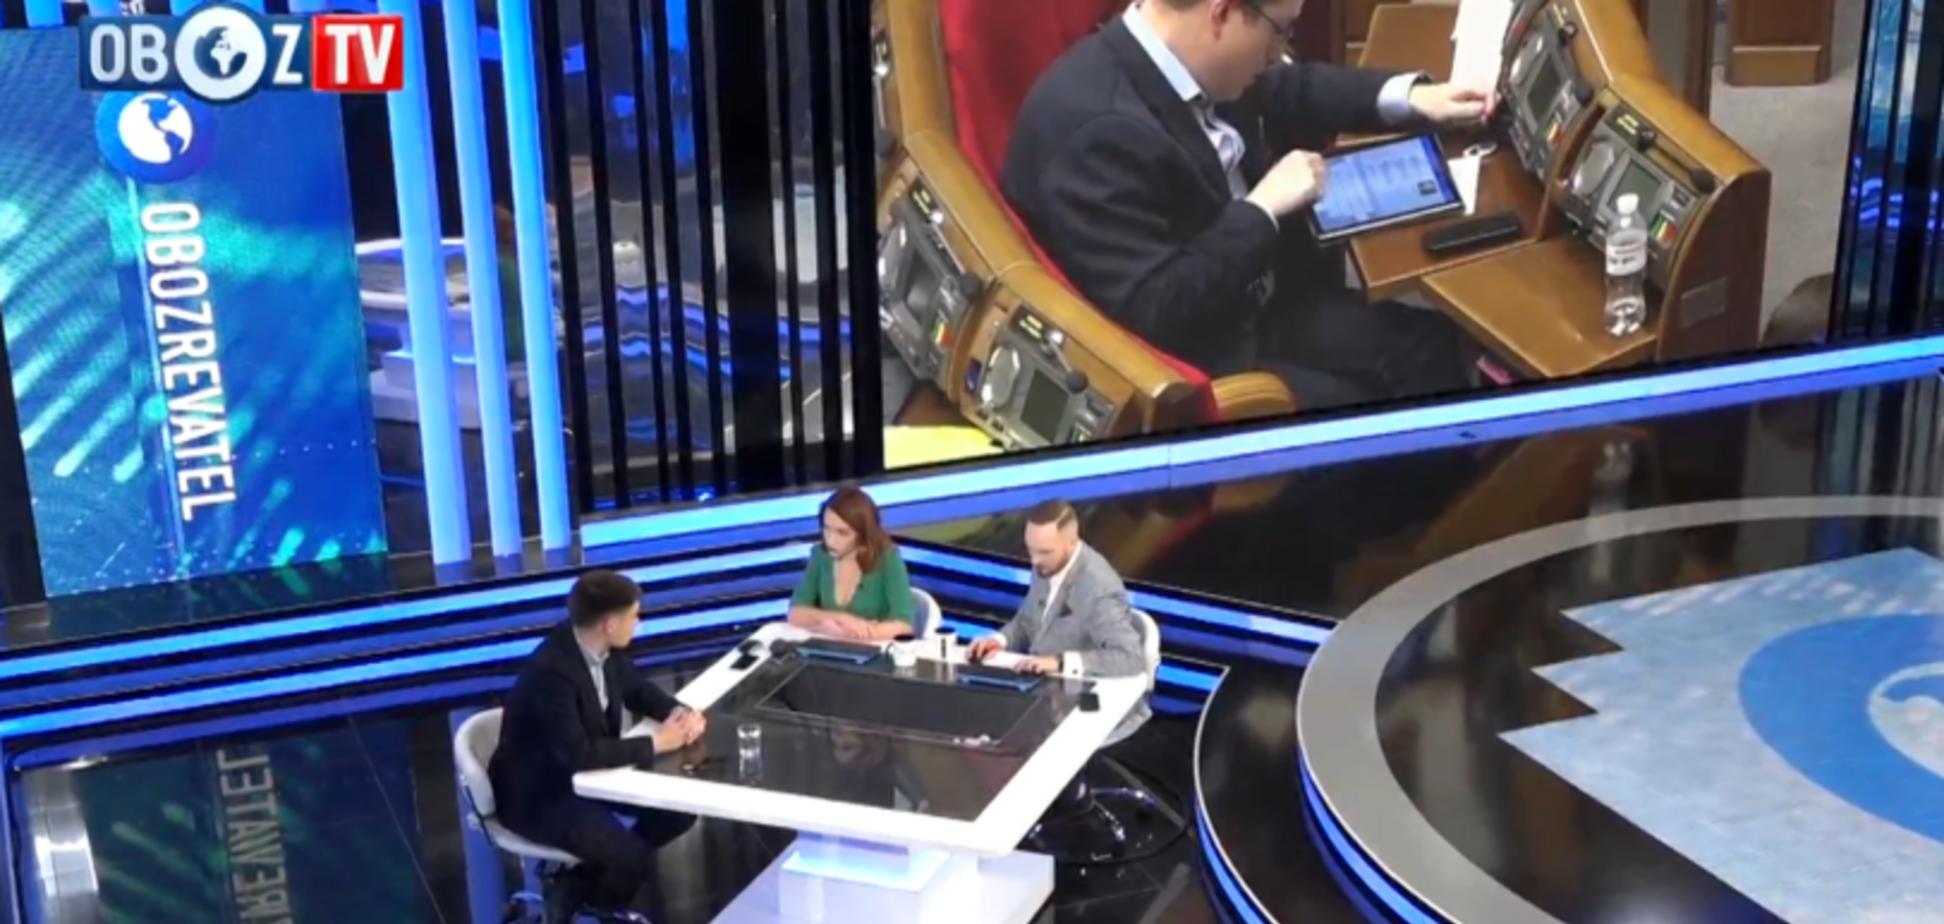 ''Разгонят бездельников - народу понравится'': эксперт рассказал, чем грозит роспуск Рады